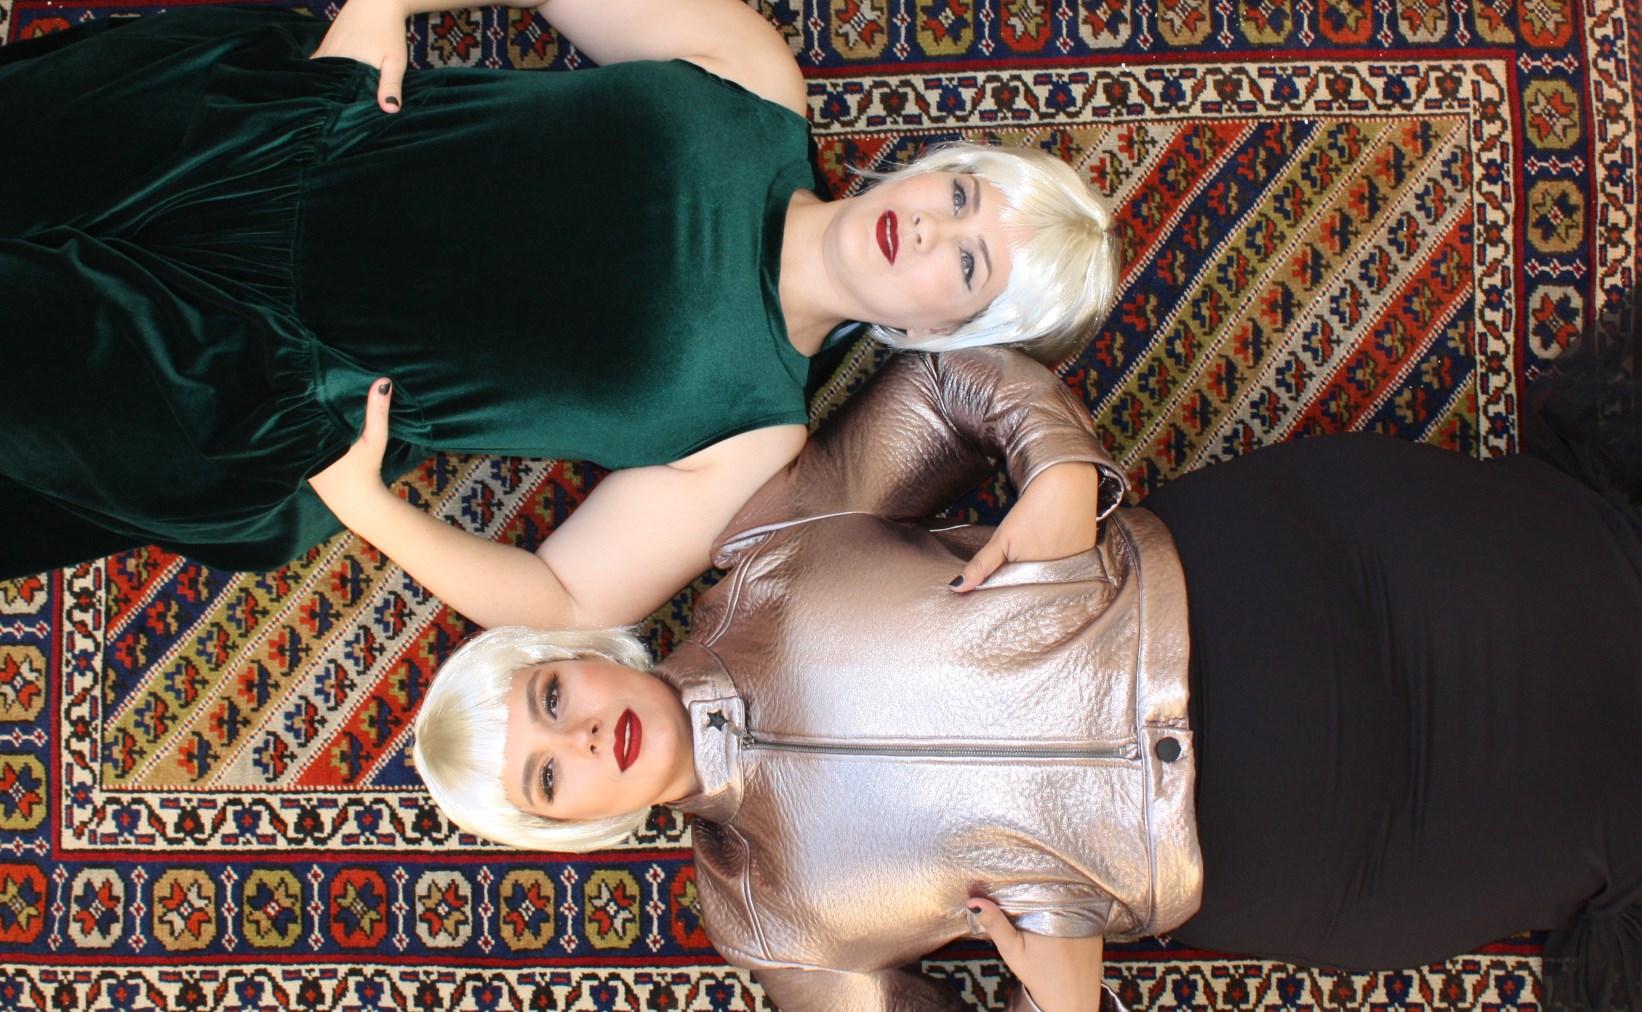 שבוע האופנה למידות גדולות 21-24.11.17 יד חרוצים11 תל אביב בגדים לימור אופנה גדולה צילום יחצ